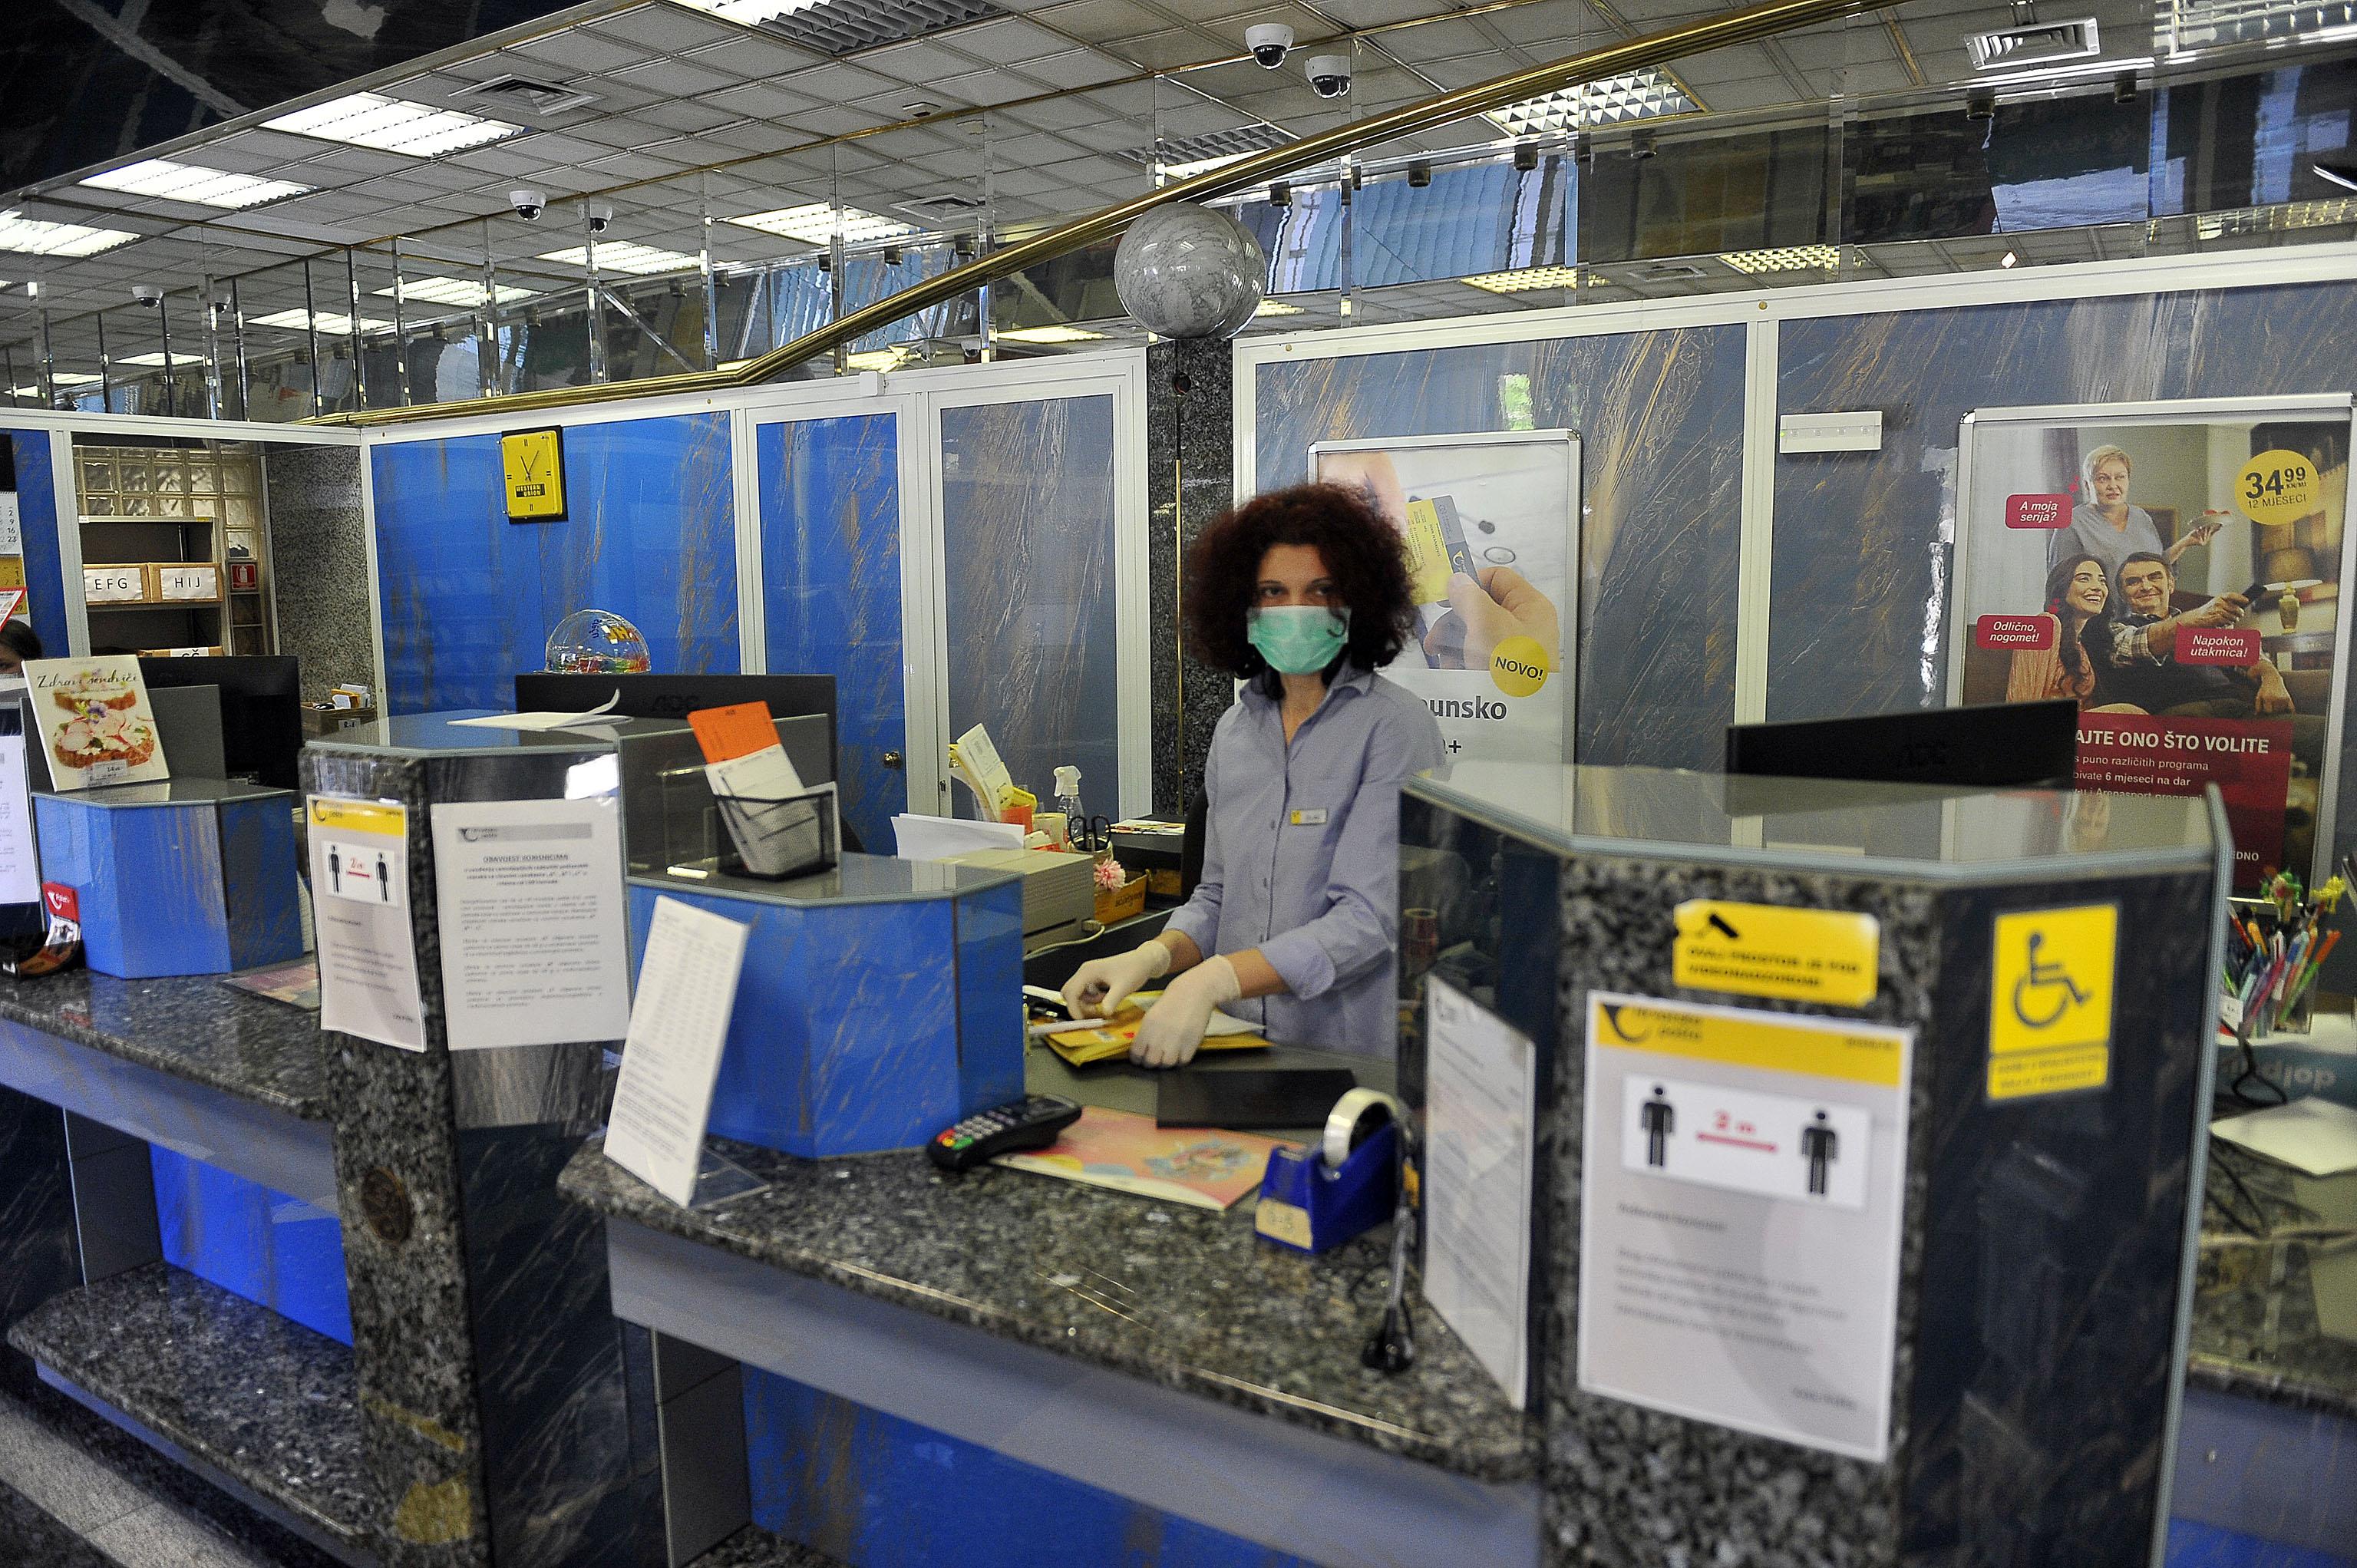 Hrvatska pošta poduzima sve mjere radi zaštite zdravlja / Snimio Roni BRMALJ